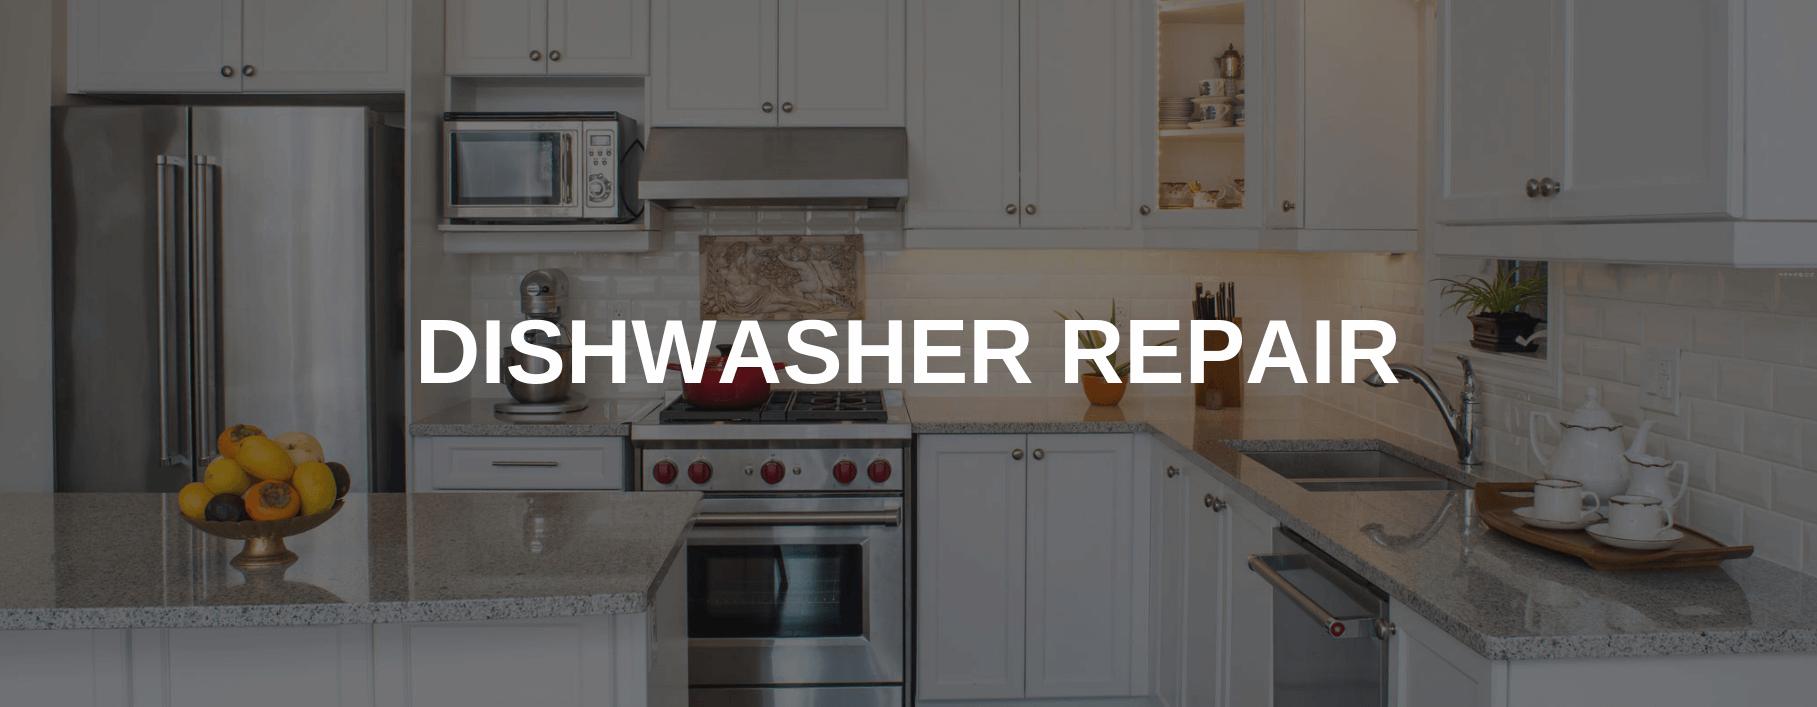 dishwasher repair chesapeake